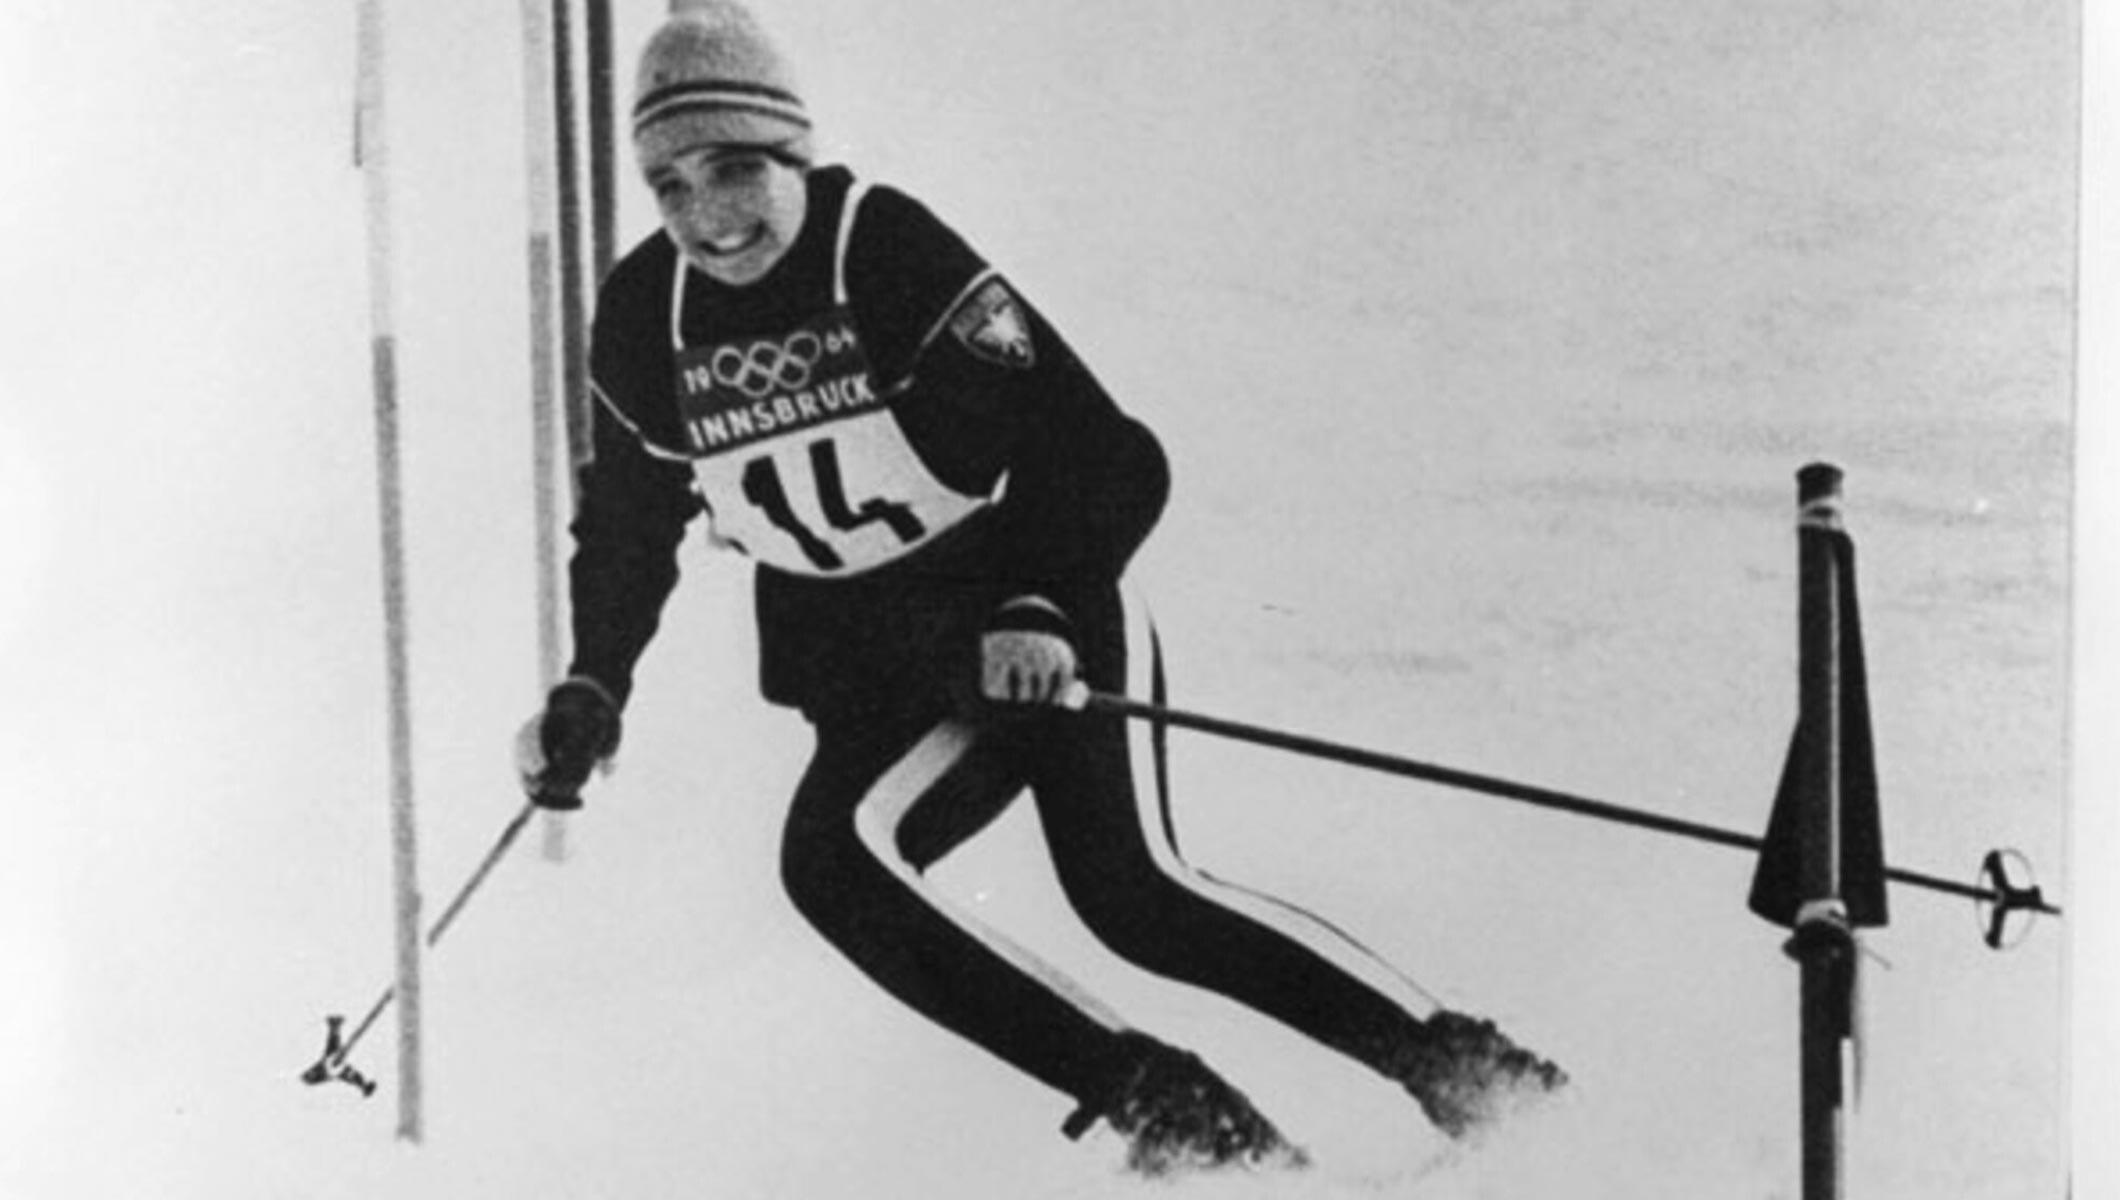 Goitschel sisters - Innsbruck 1964